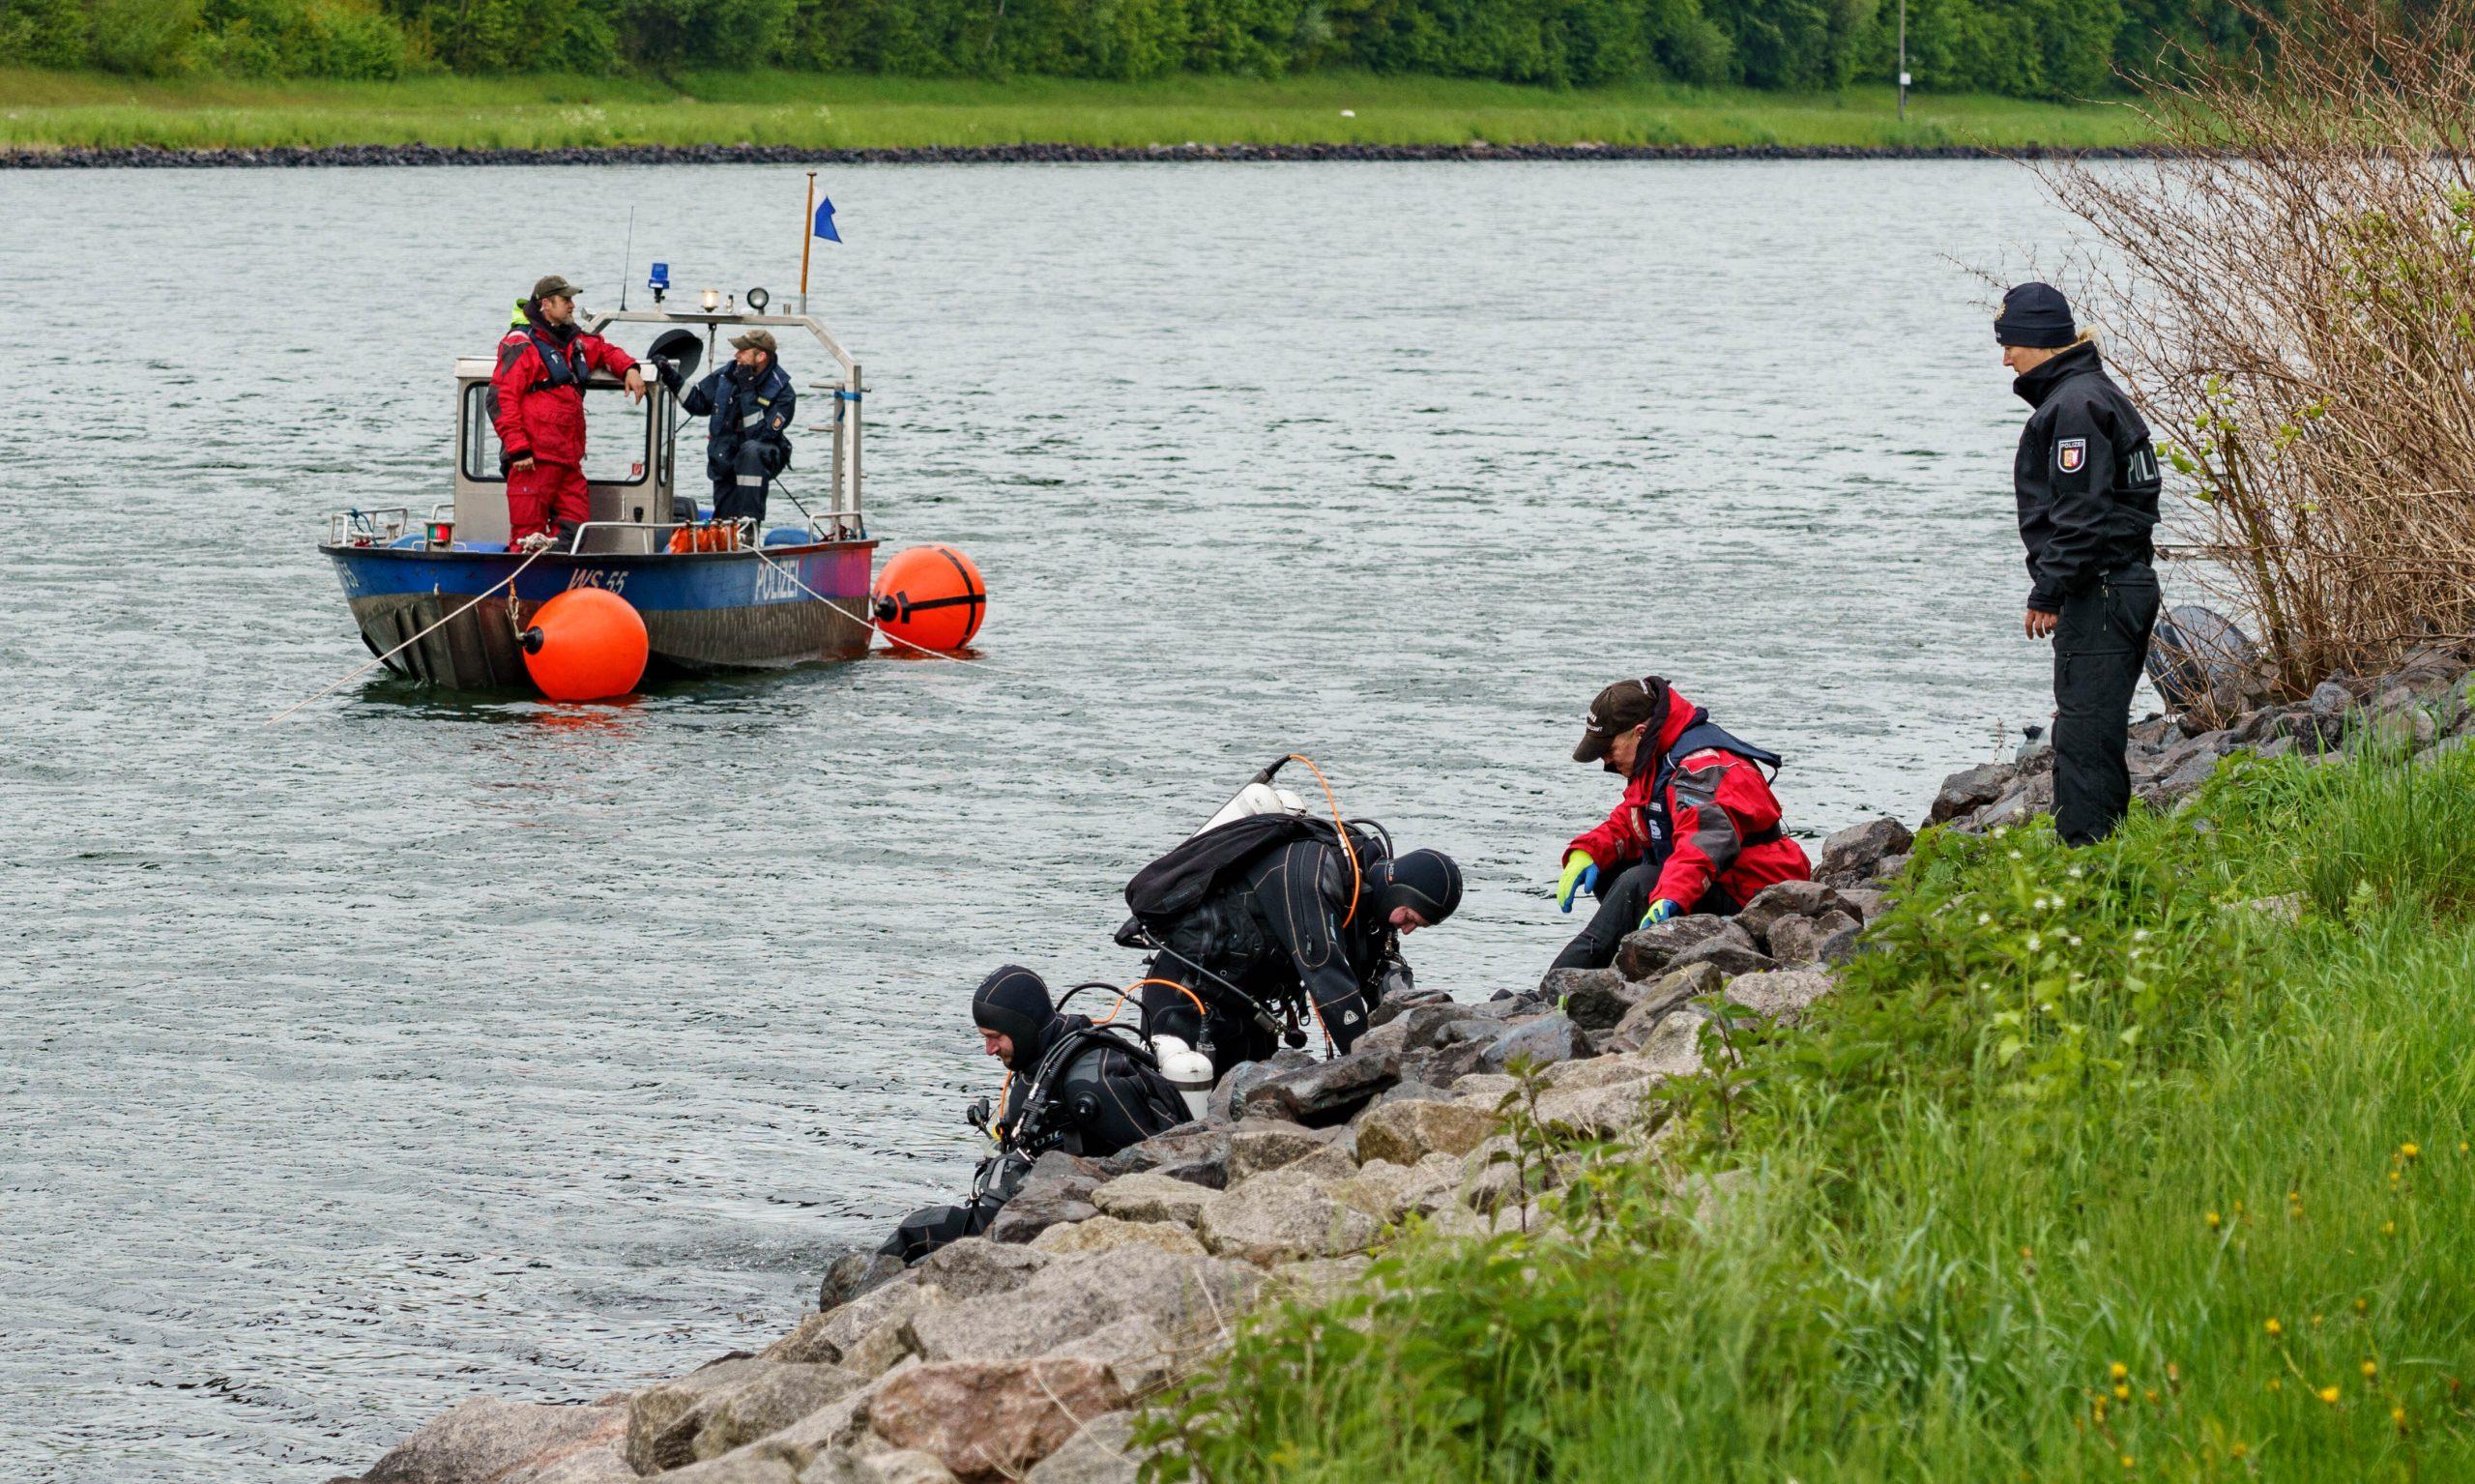 Taucher der Polizei steigen in den Nord-Ostseekanal ein.